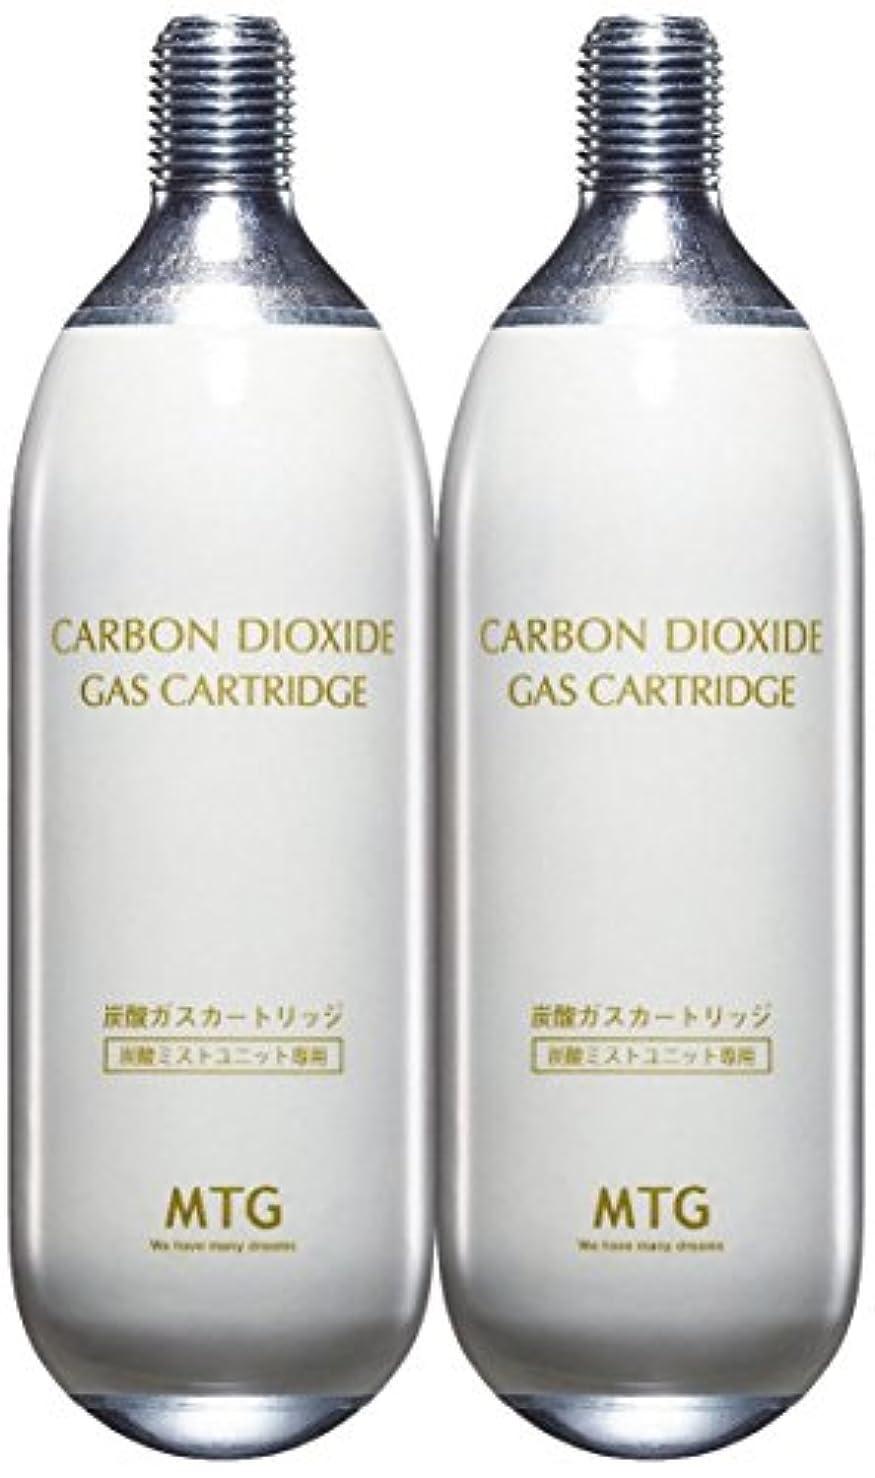 延期する統合魔女プロージョン 専用炭酸ガスカートリッジ ホワイト 2本セット